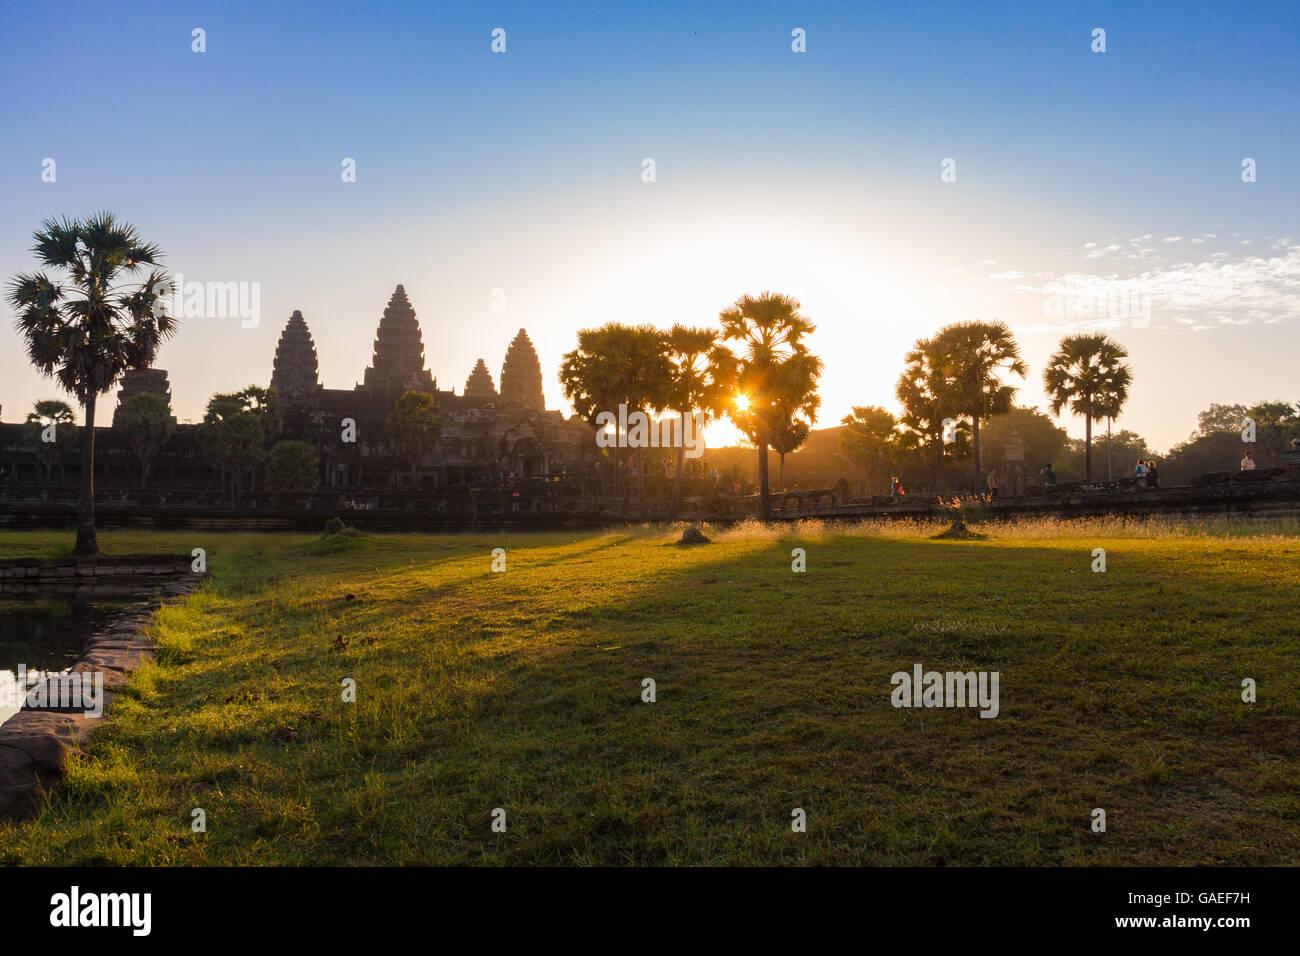 Amanecer en Angkor Wat en Siem Reap, Camboya, que es un patrimonio de la humanidad Imagen De Stock